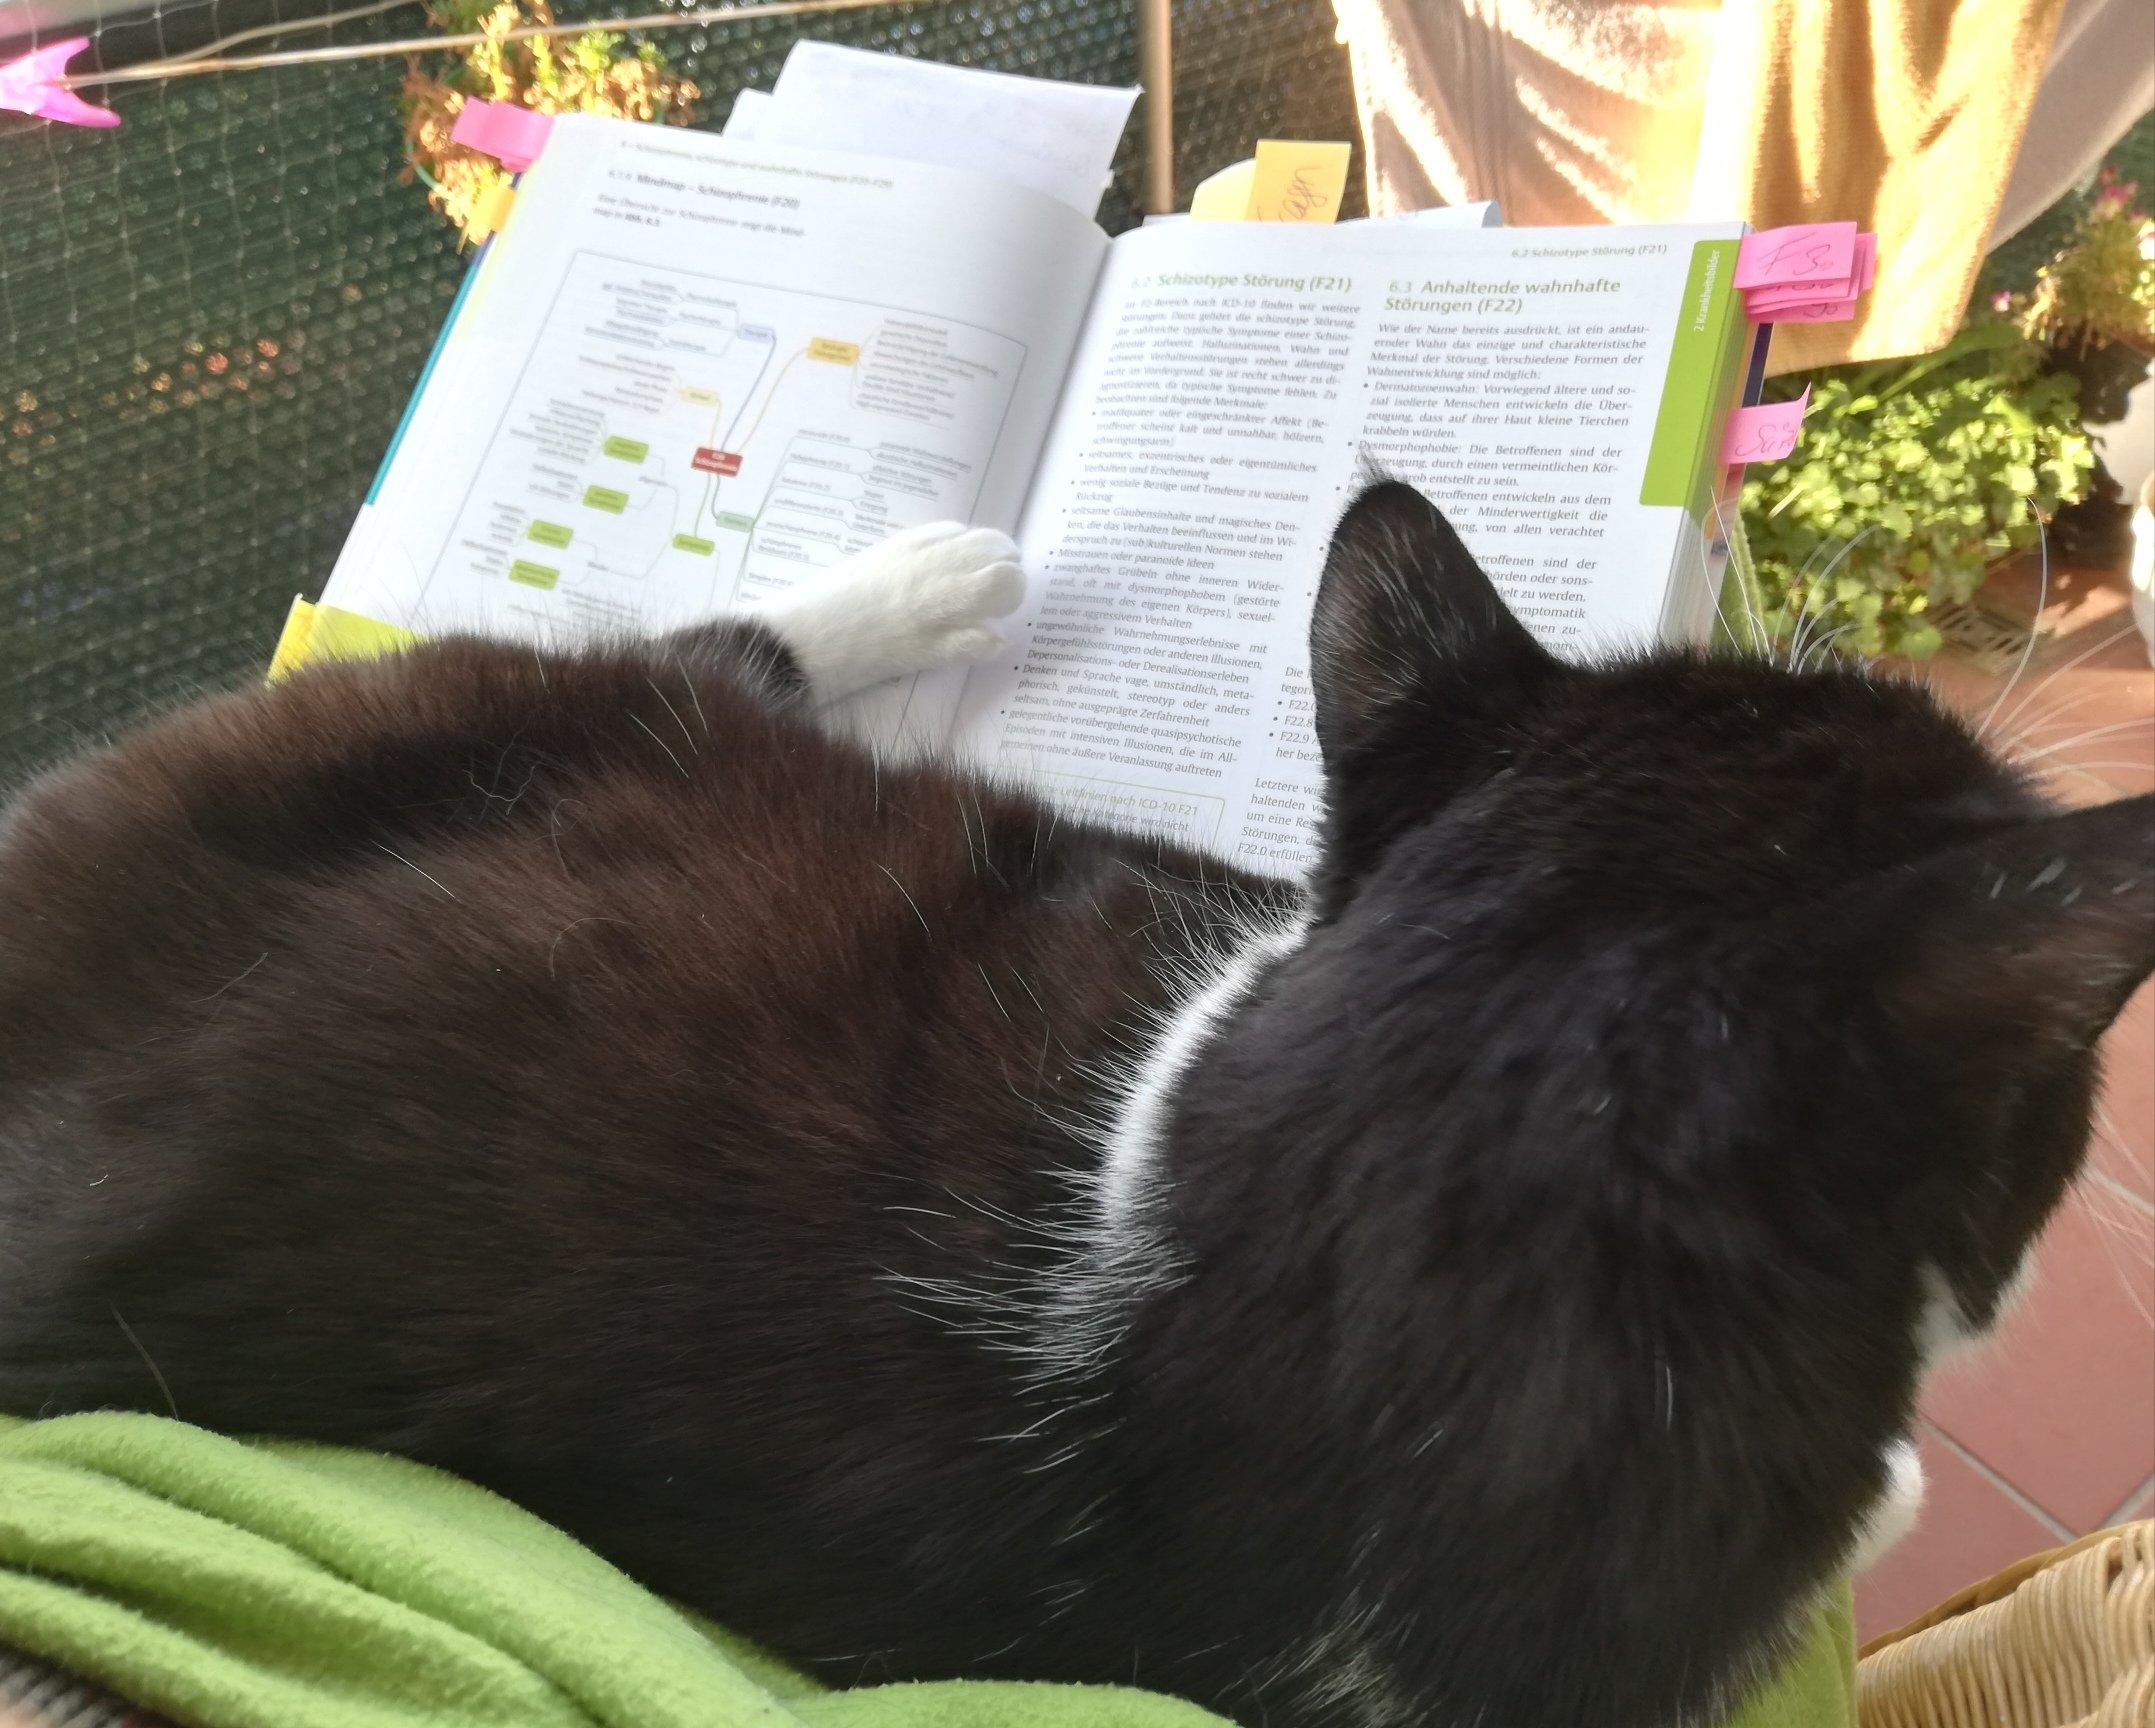 Lernende Katze